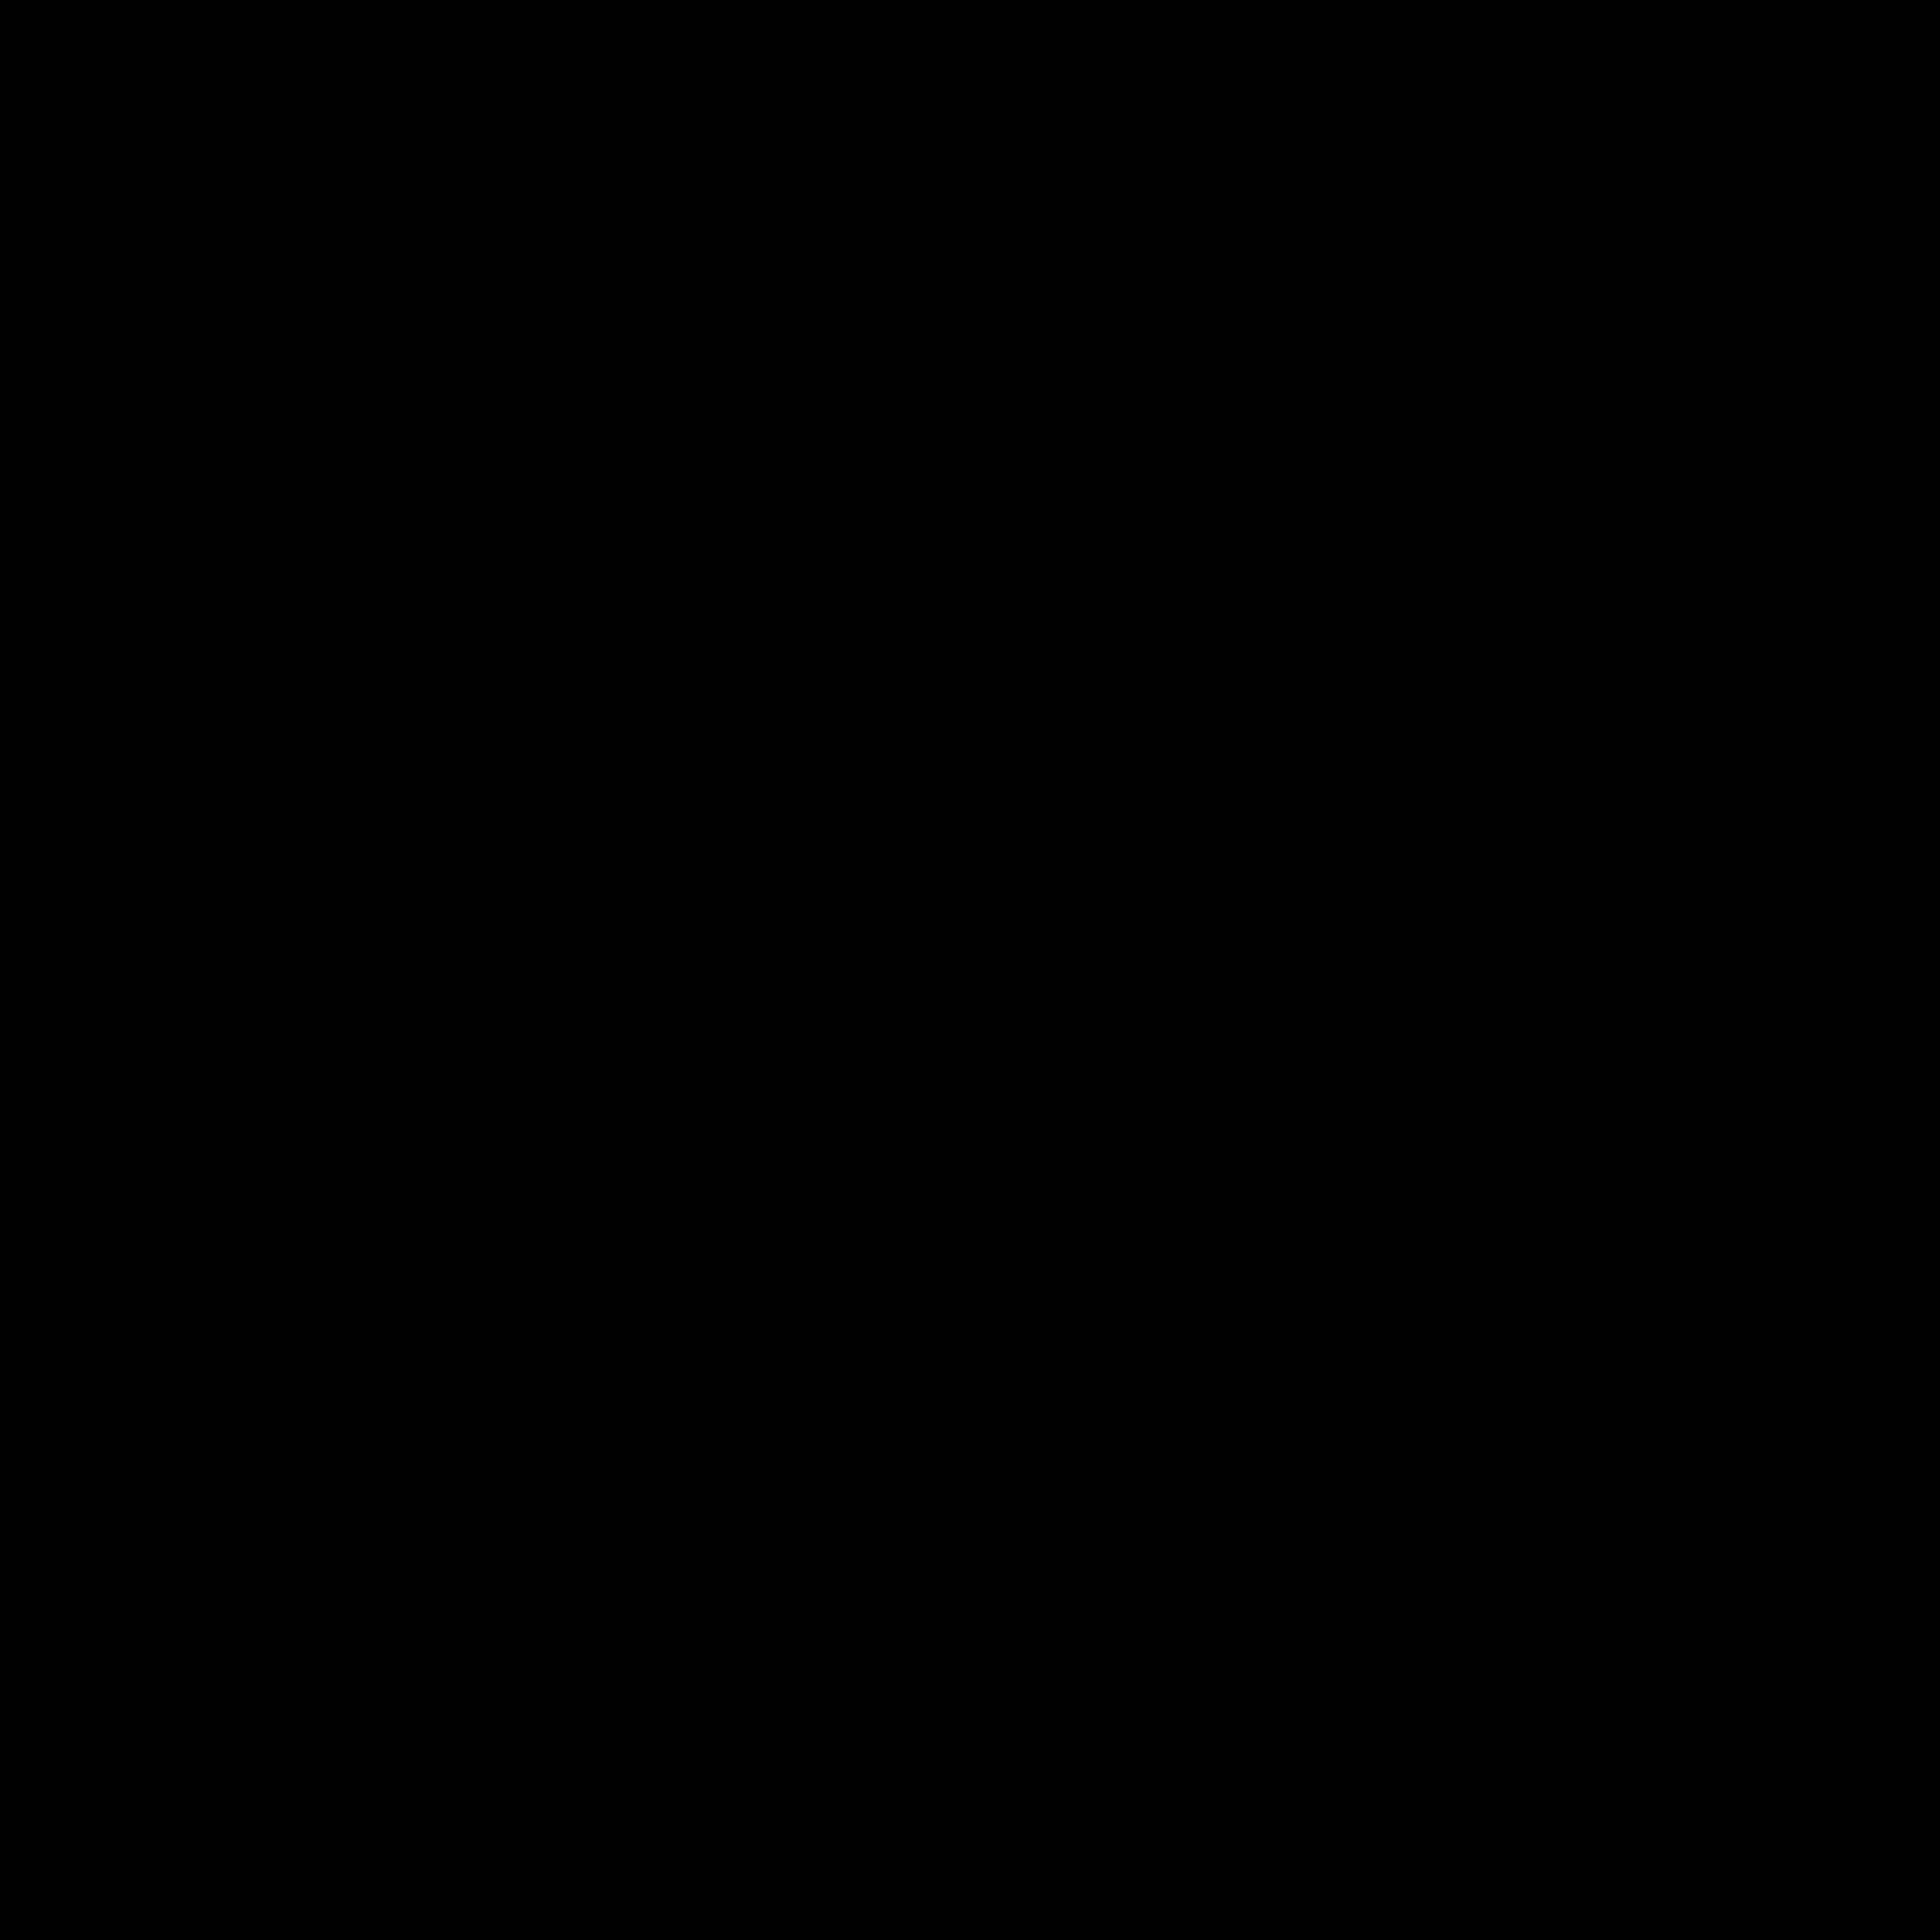 DM Logo PNG Transparent & SVG Vector.